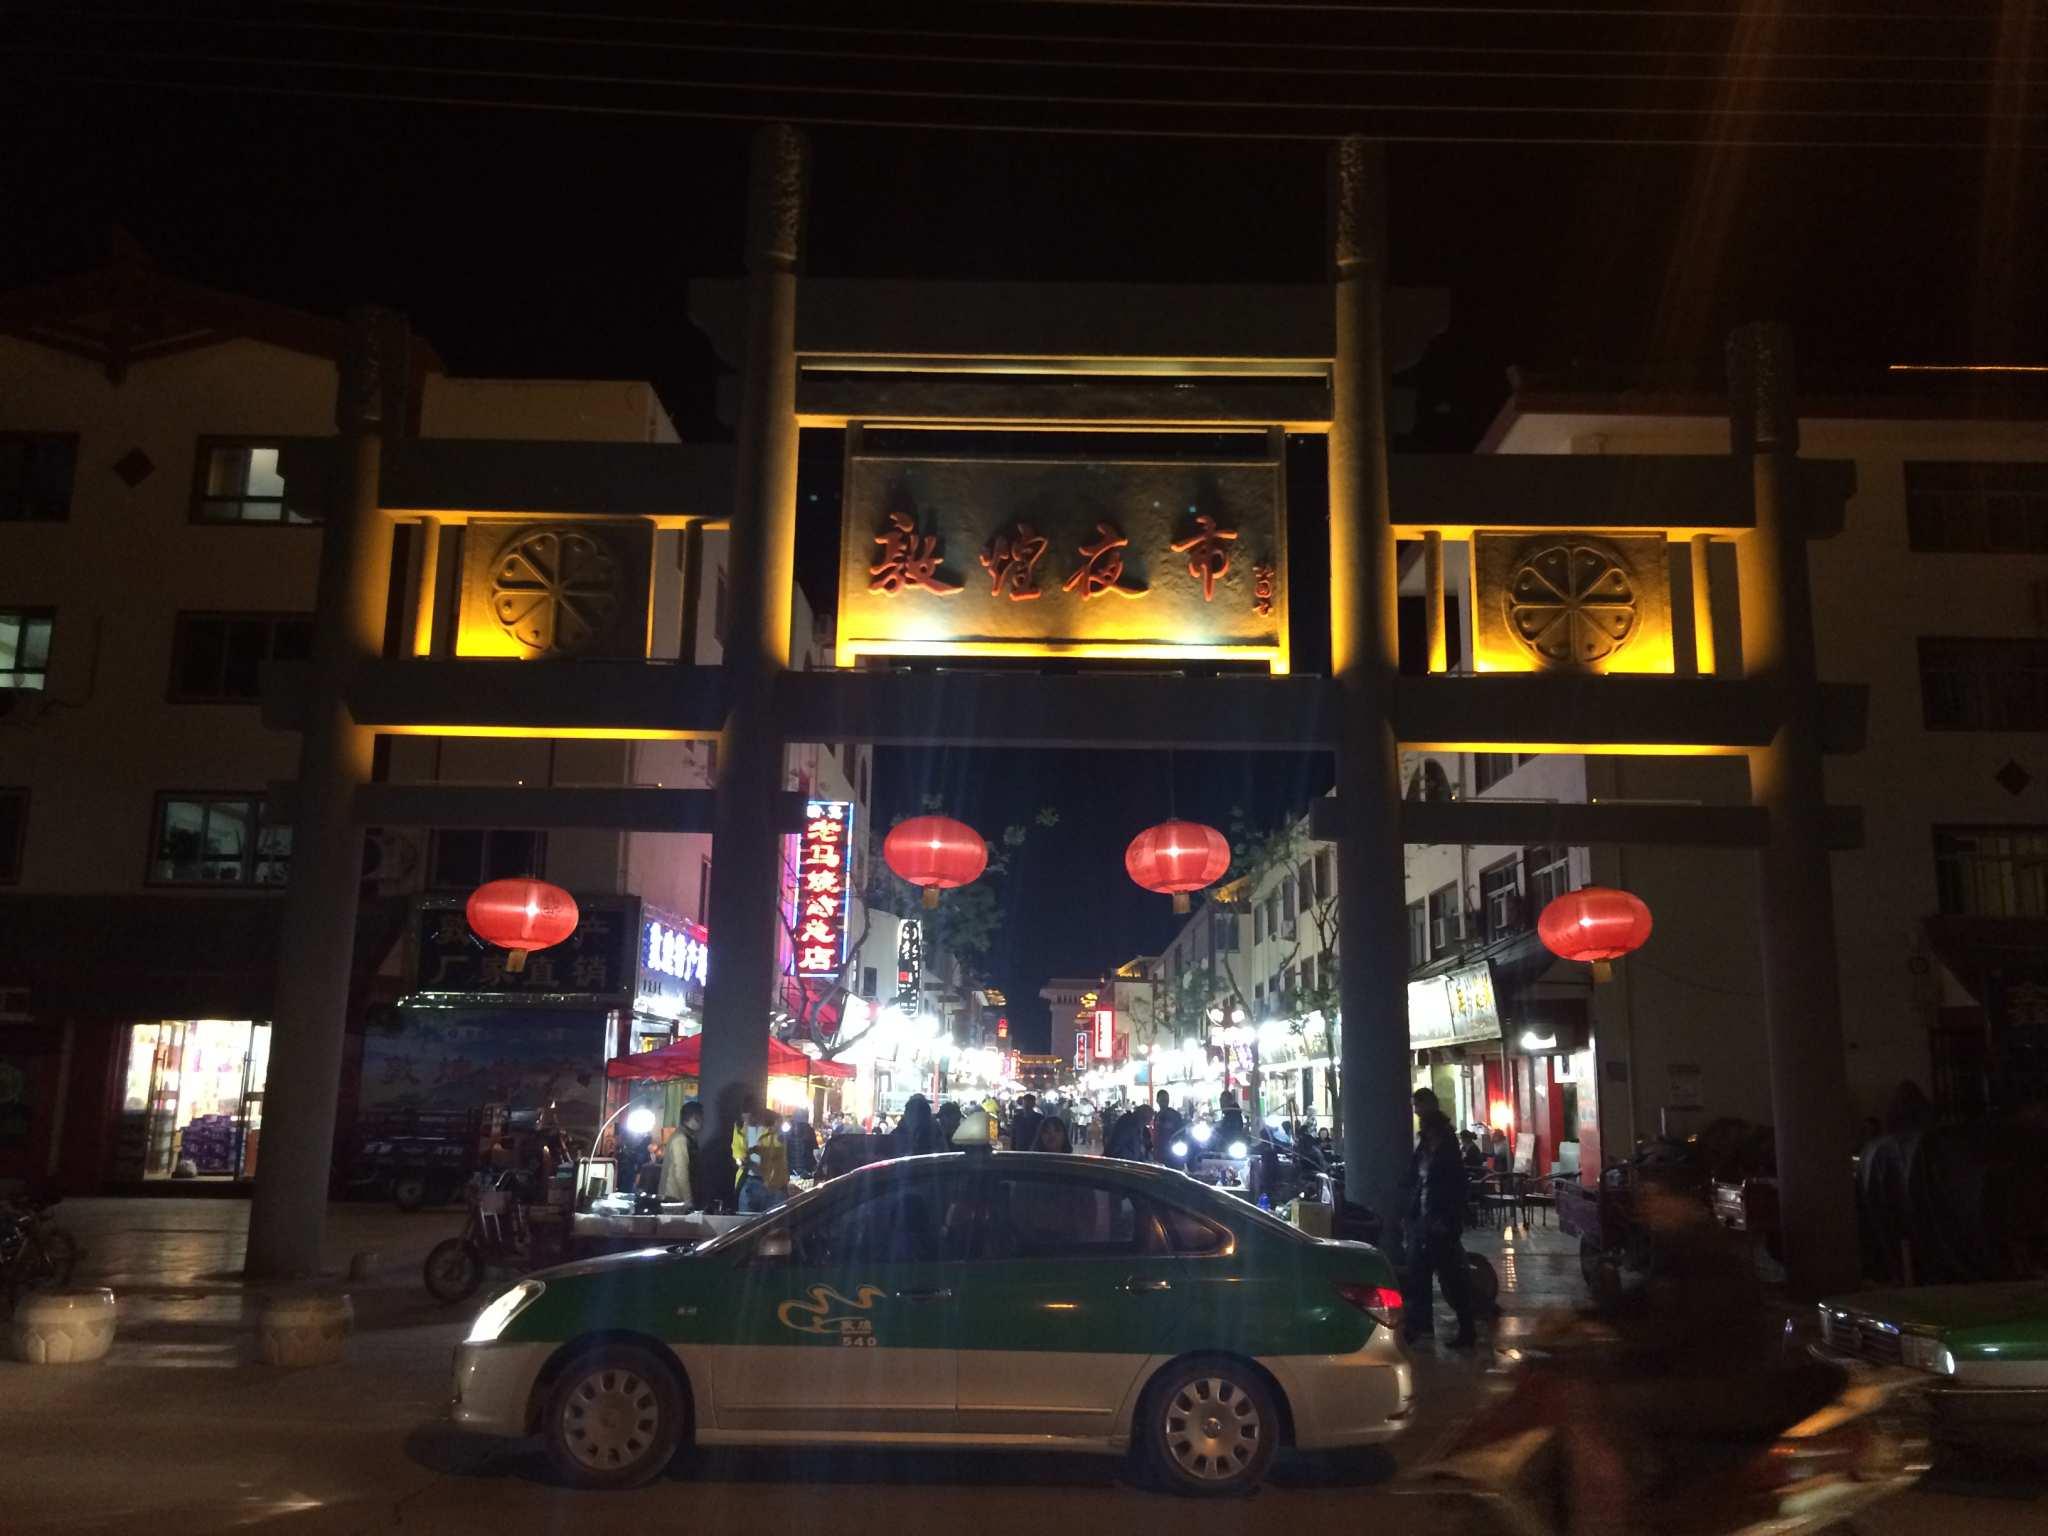 莫高窟-鸣沙山月牙泉-沙洲夜市 含笑有一首歌《飞天》,唱的就是敦煌吧图片